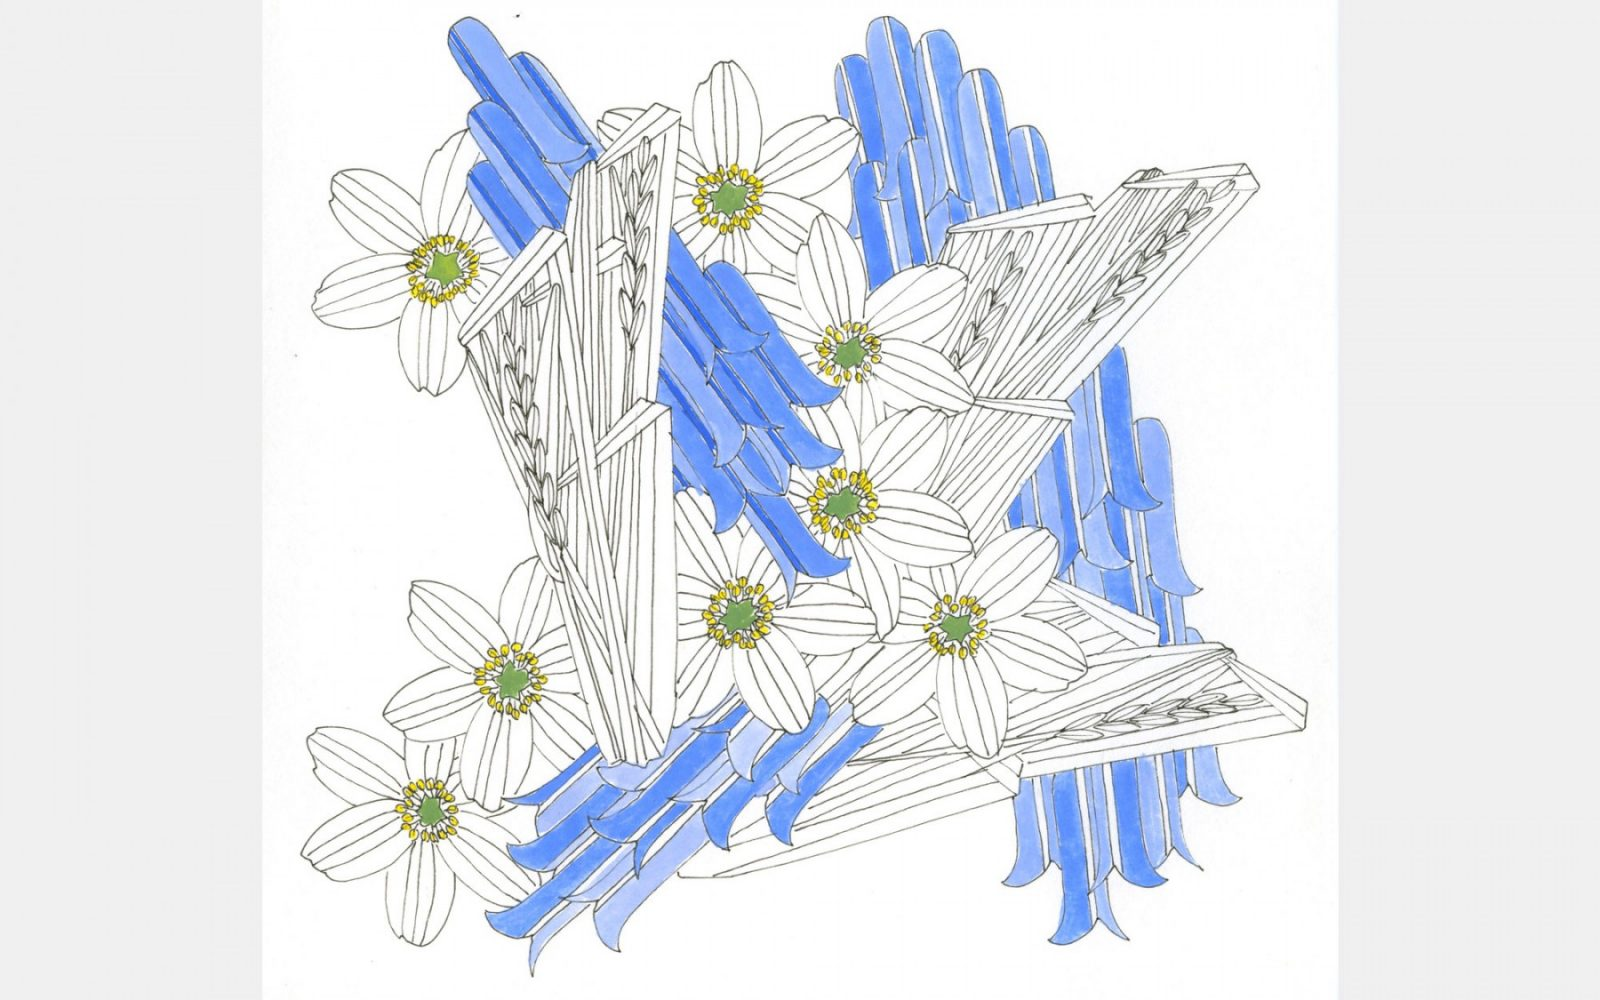 Frances Priest, final design - Woodland (gouache & pen on paper)